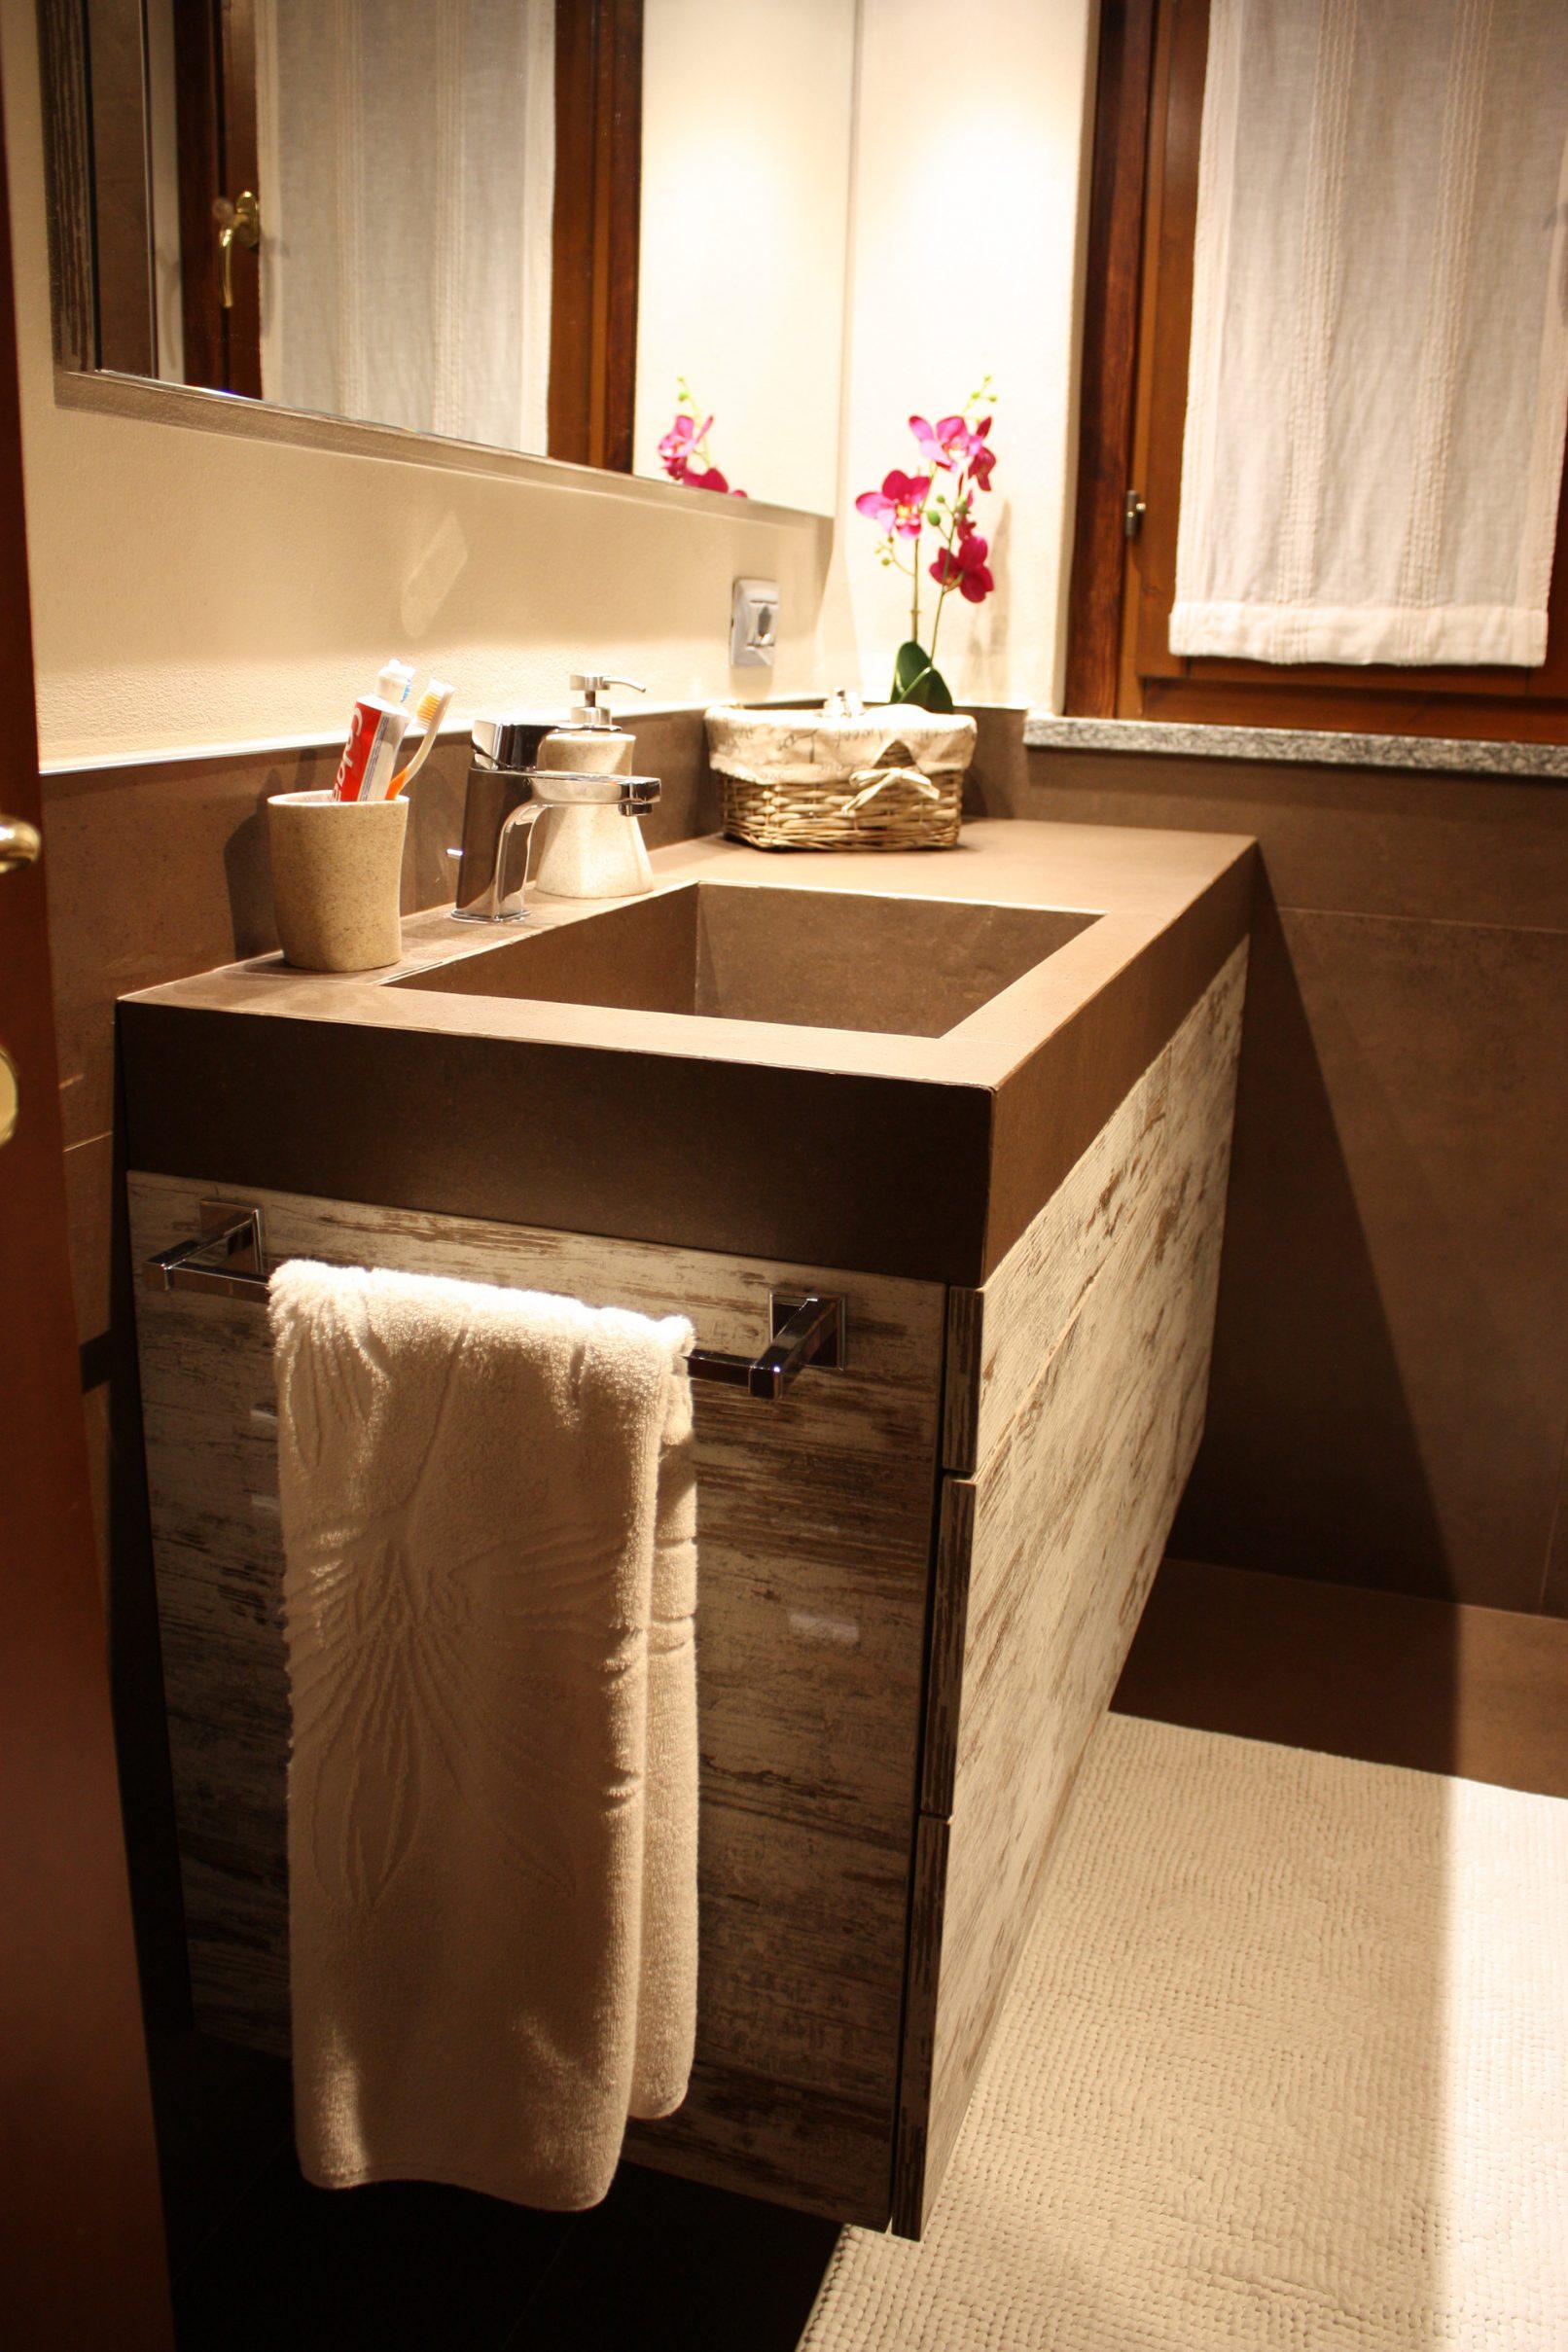 Total brown piccolo ma elegante bagno abitazione privata - Bagno elegante piccolo ...